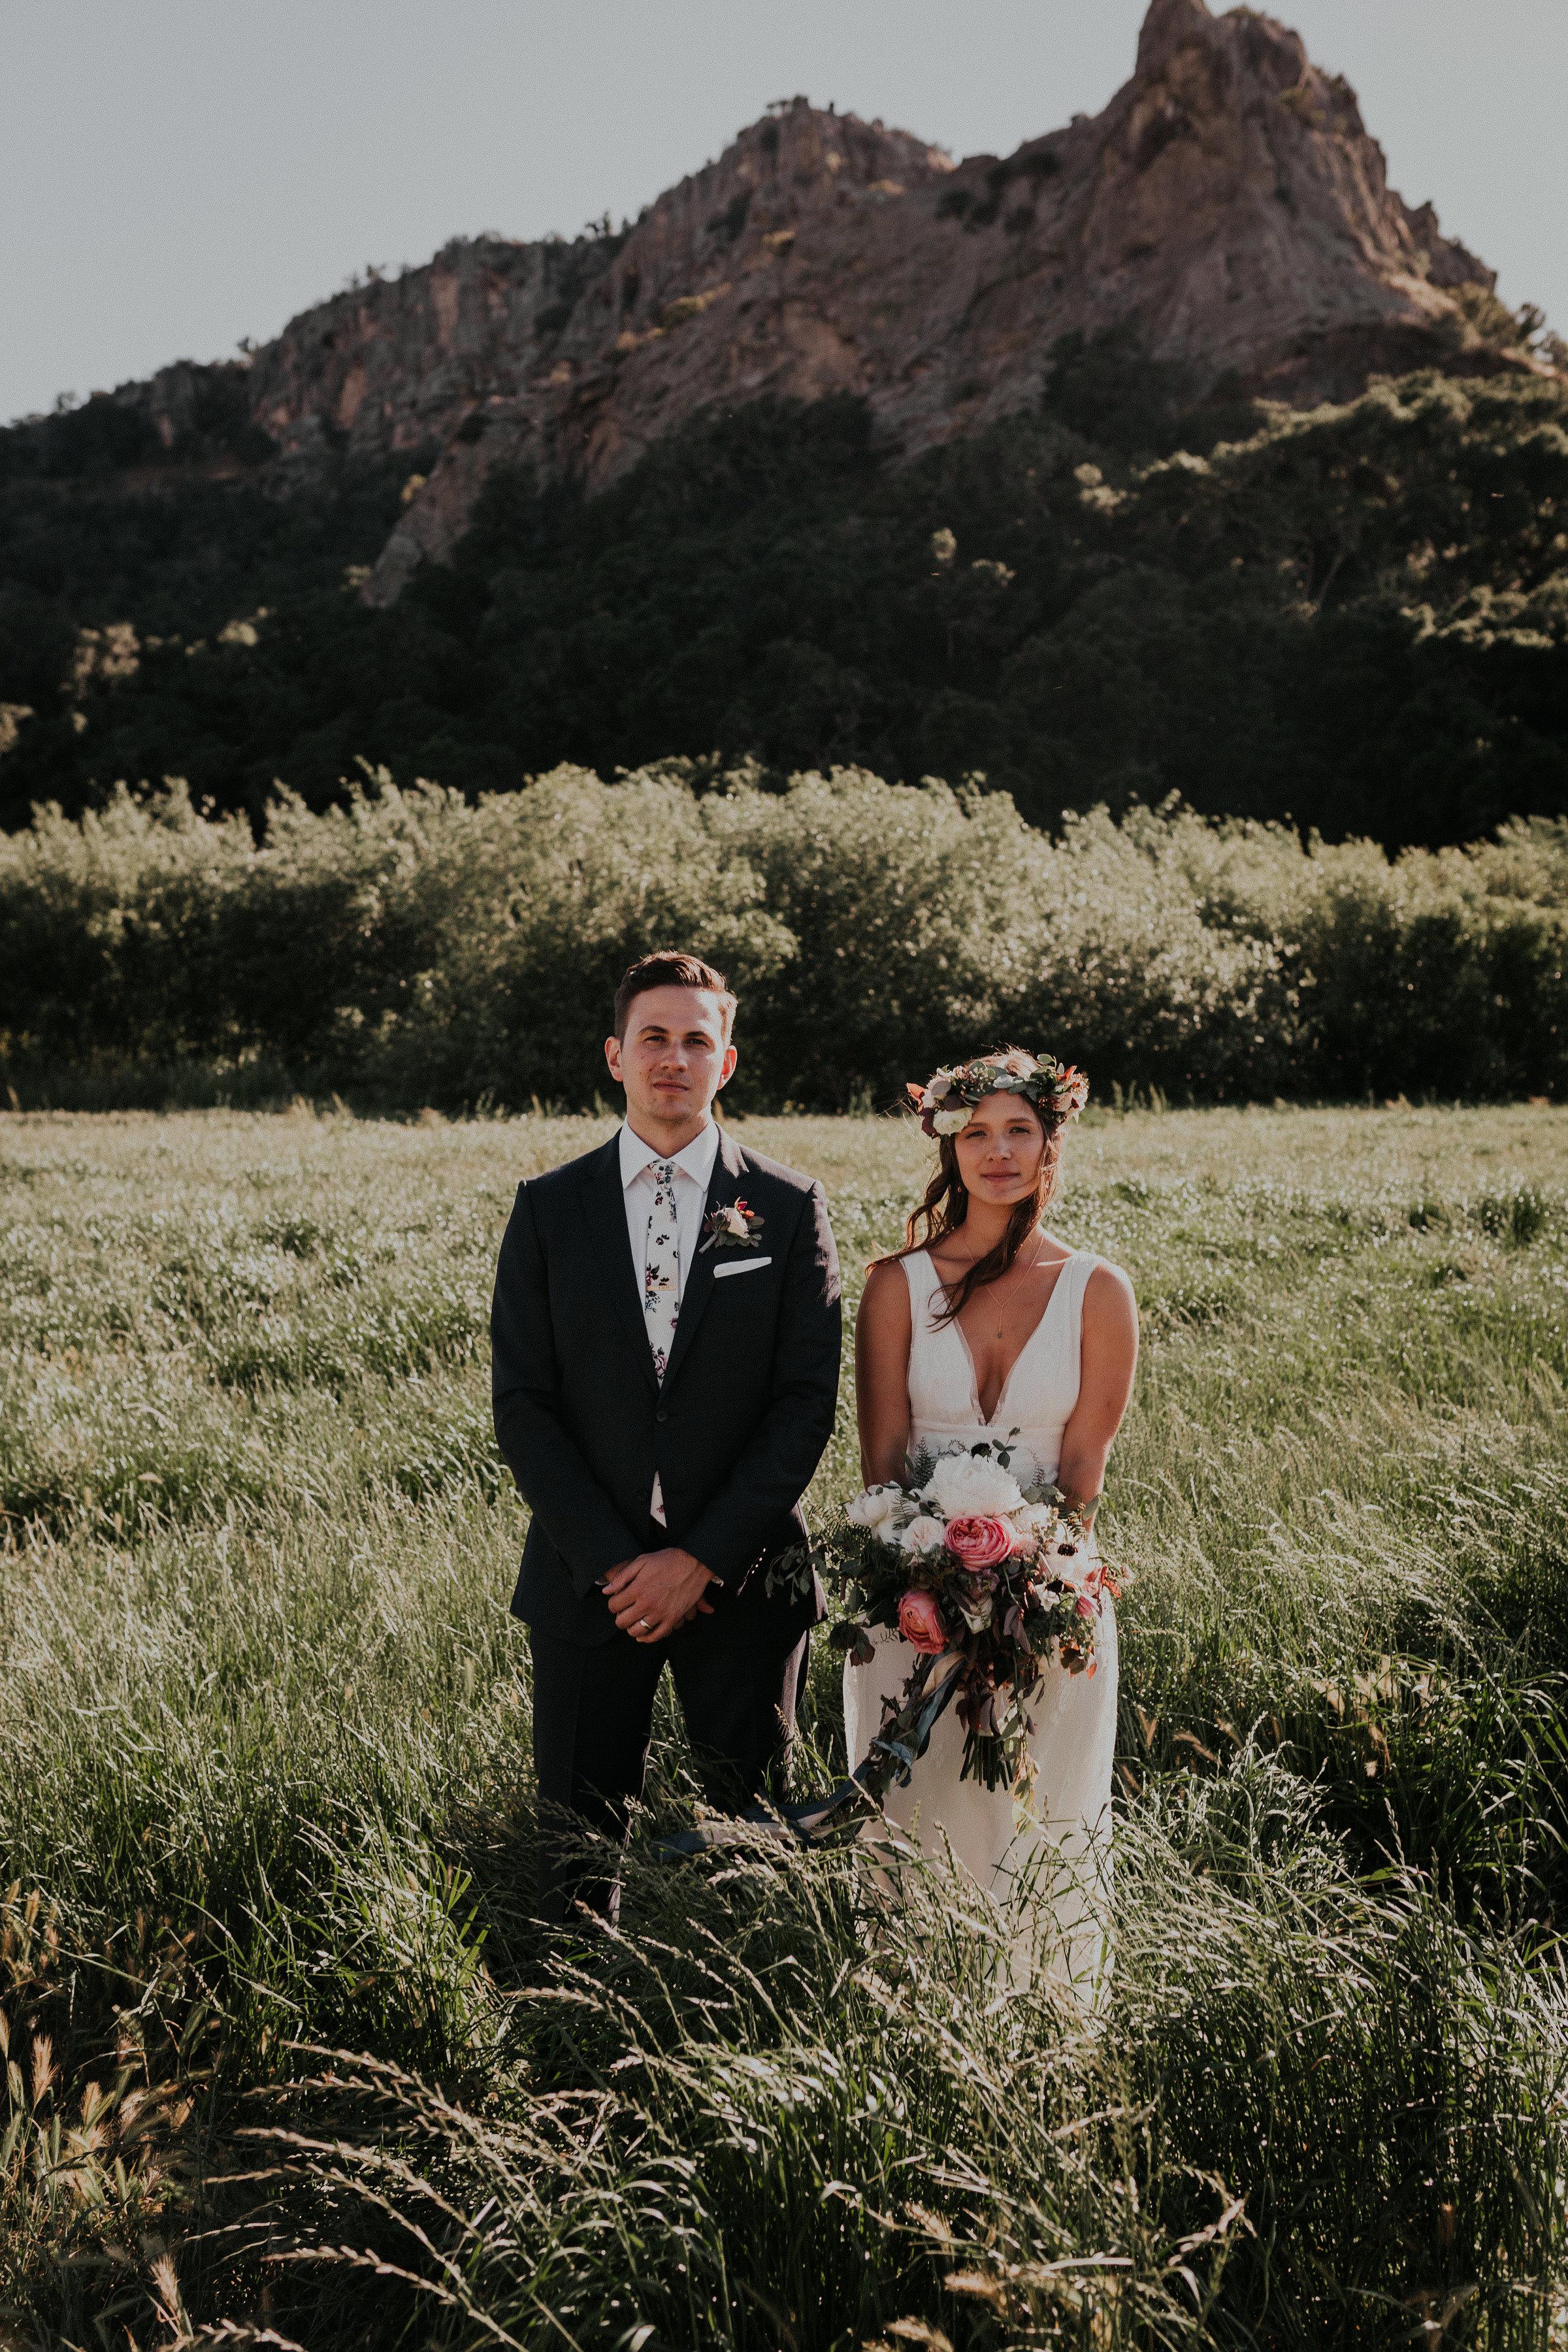 ALLD_statton_wedding-689.JPG